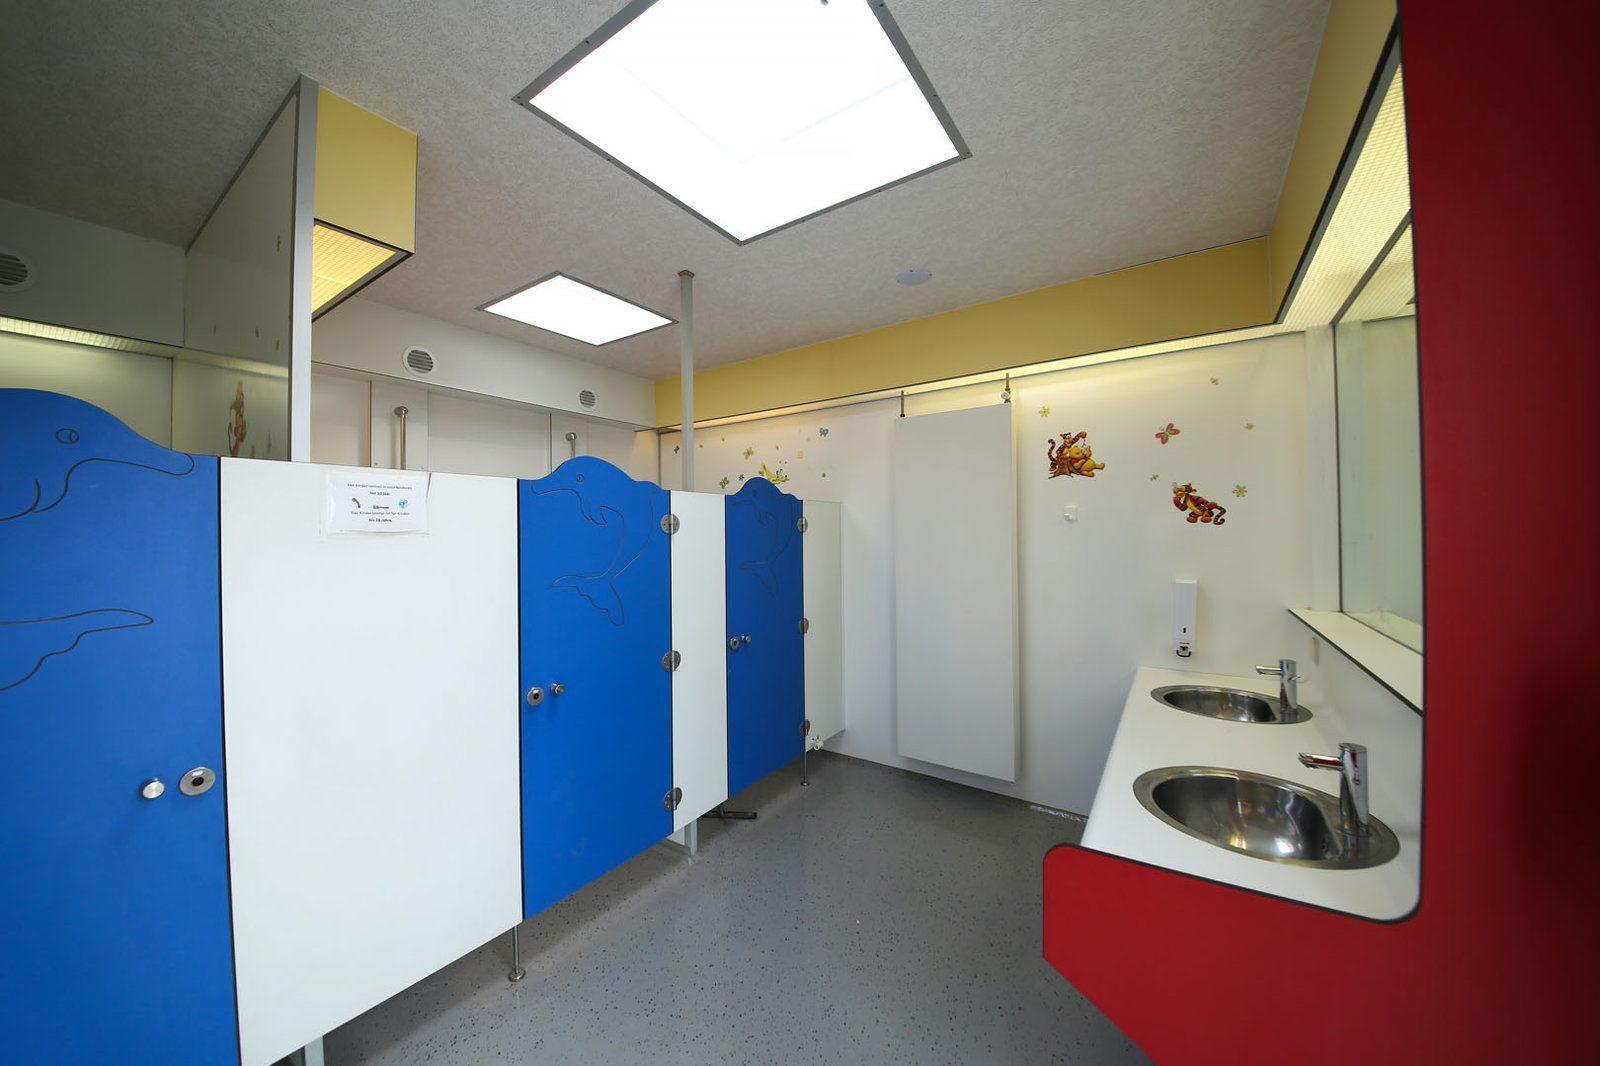 Sanitairgebouw Petite Suisse